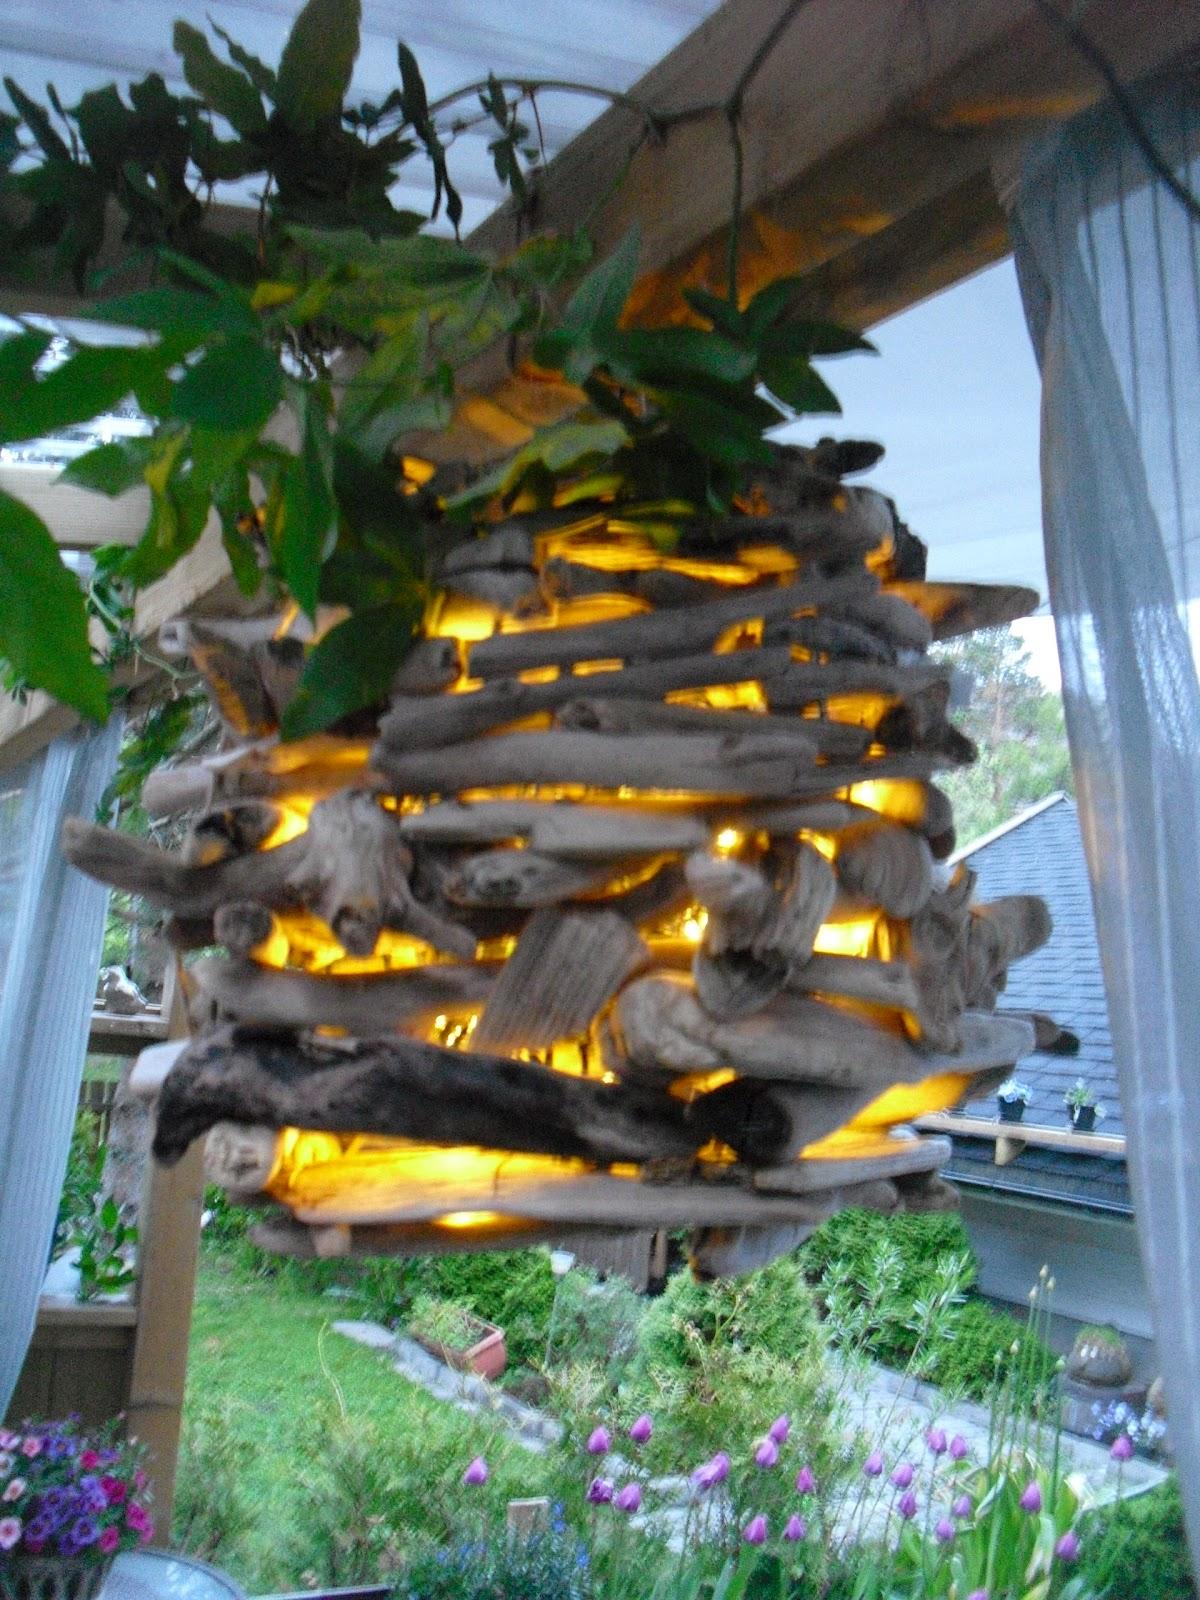 Tove kristins hage: lampe av rakved og gardiner i paviljongen.